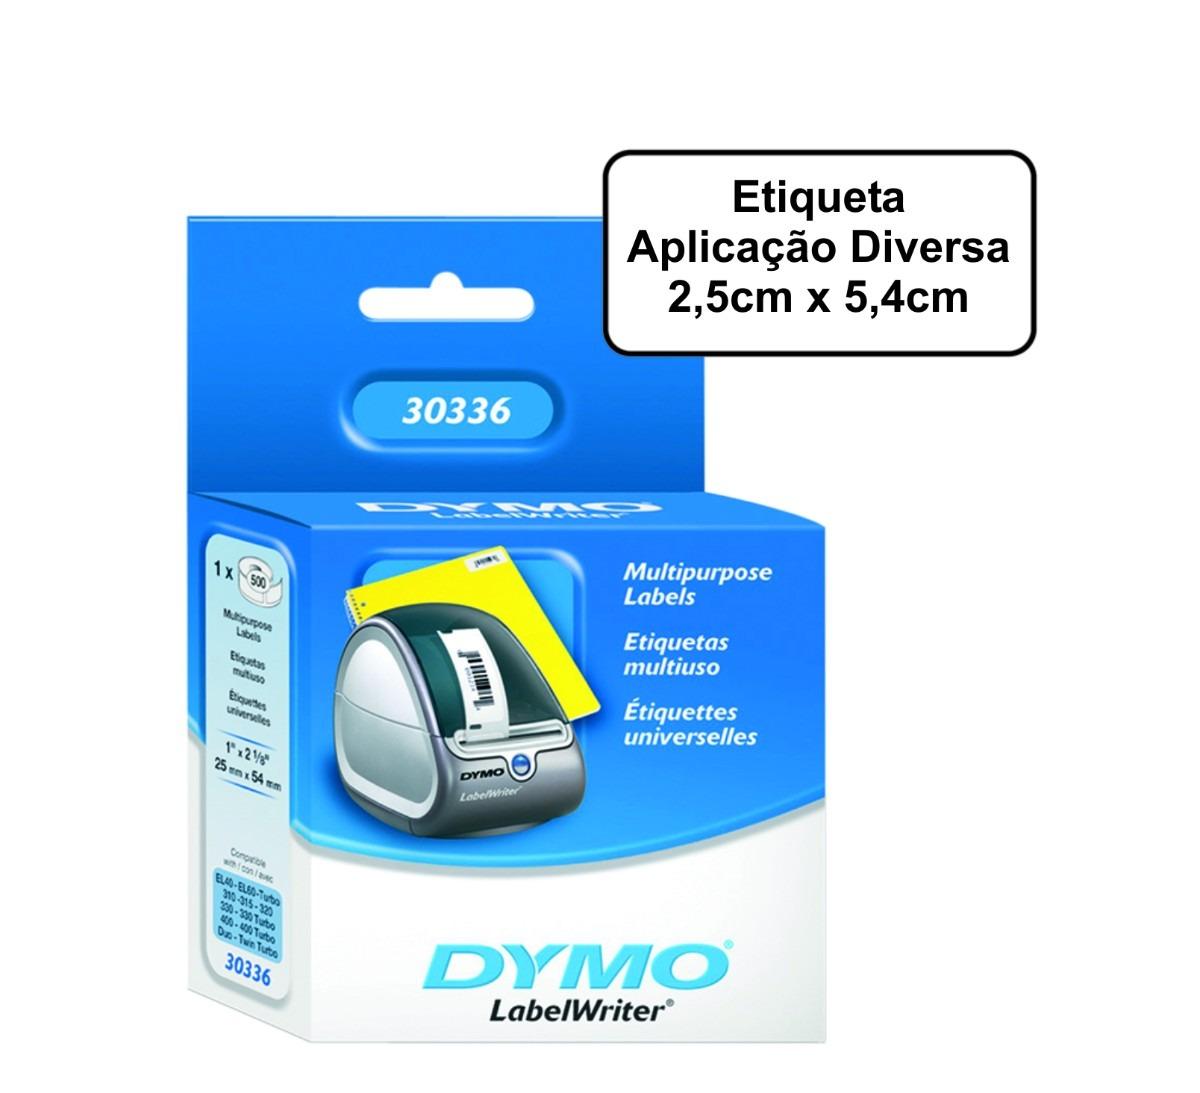 Módulo p/ Dymo Label Writer 450 Expedição 5,4cm cm (2 1/8´x 4´) 1 rolo com 220 etiquetas